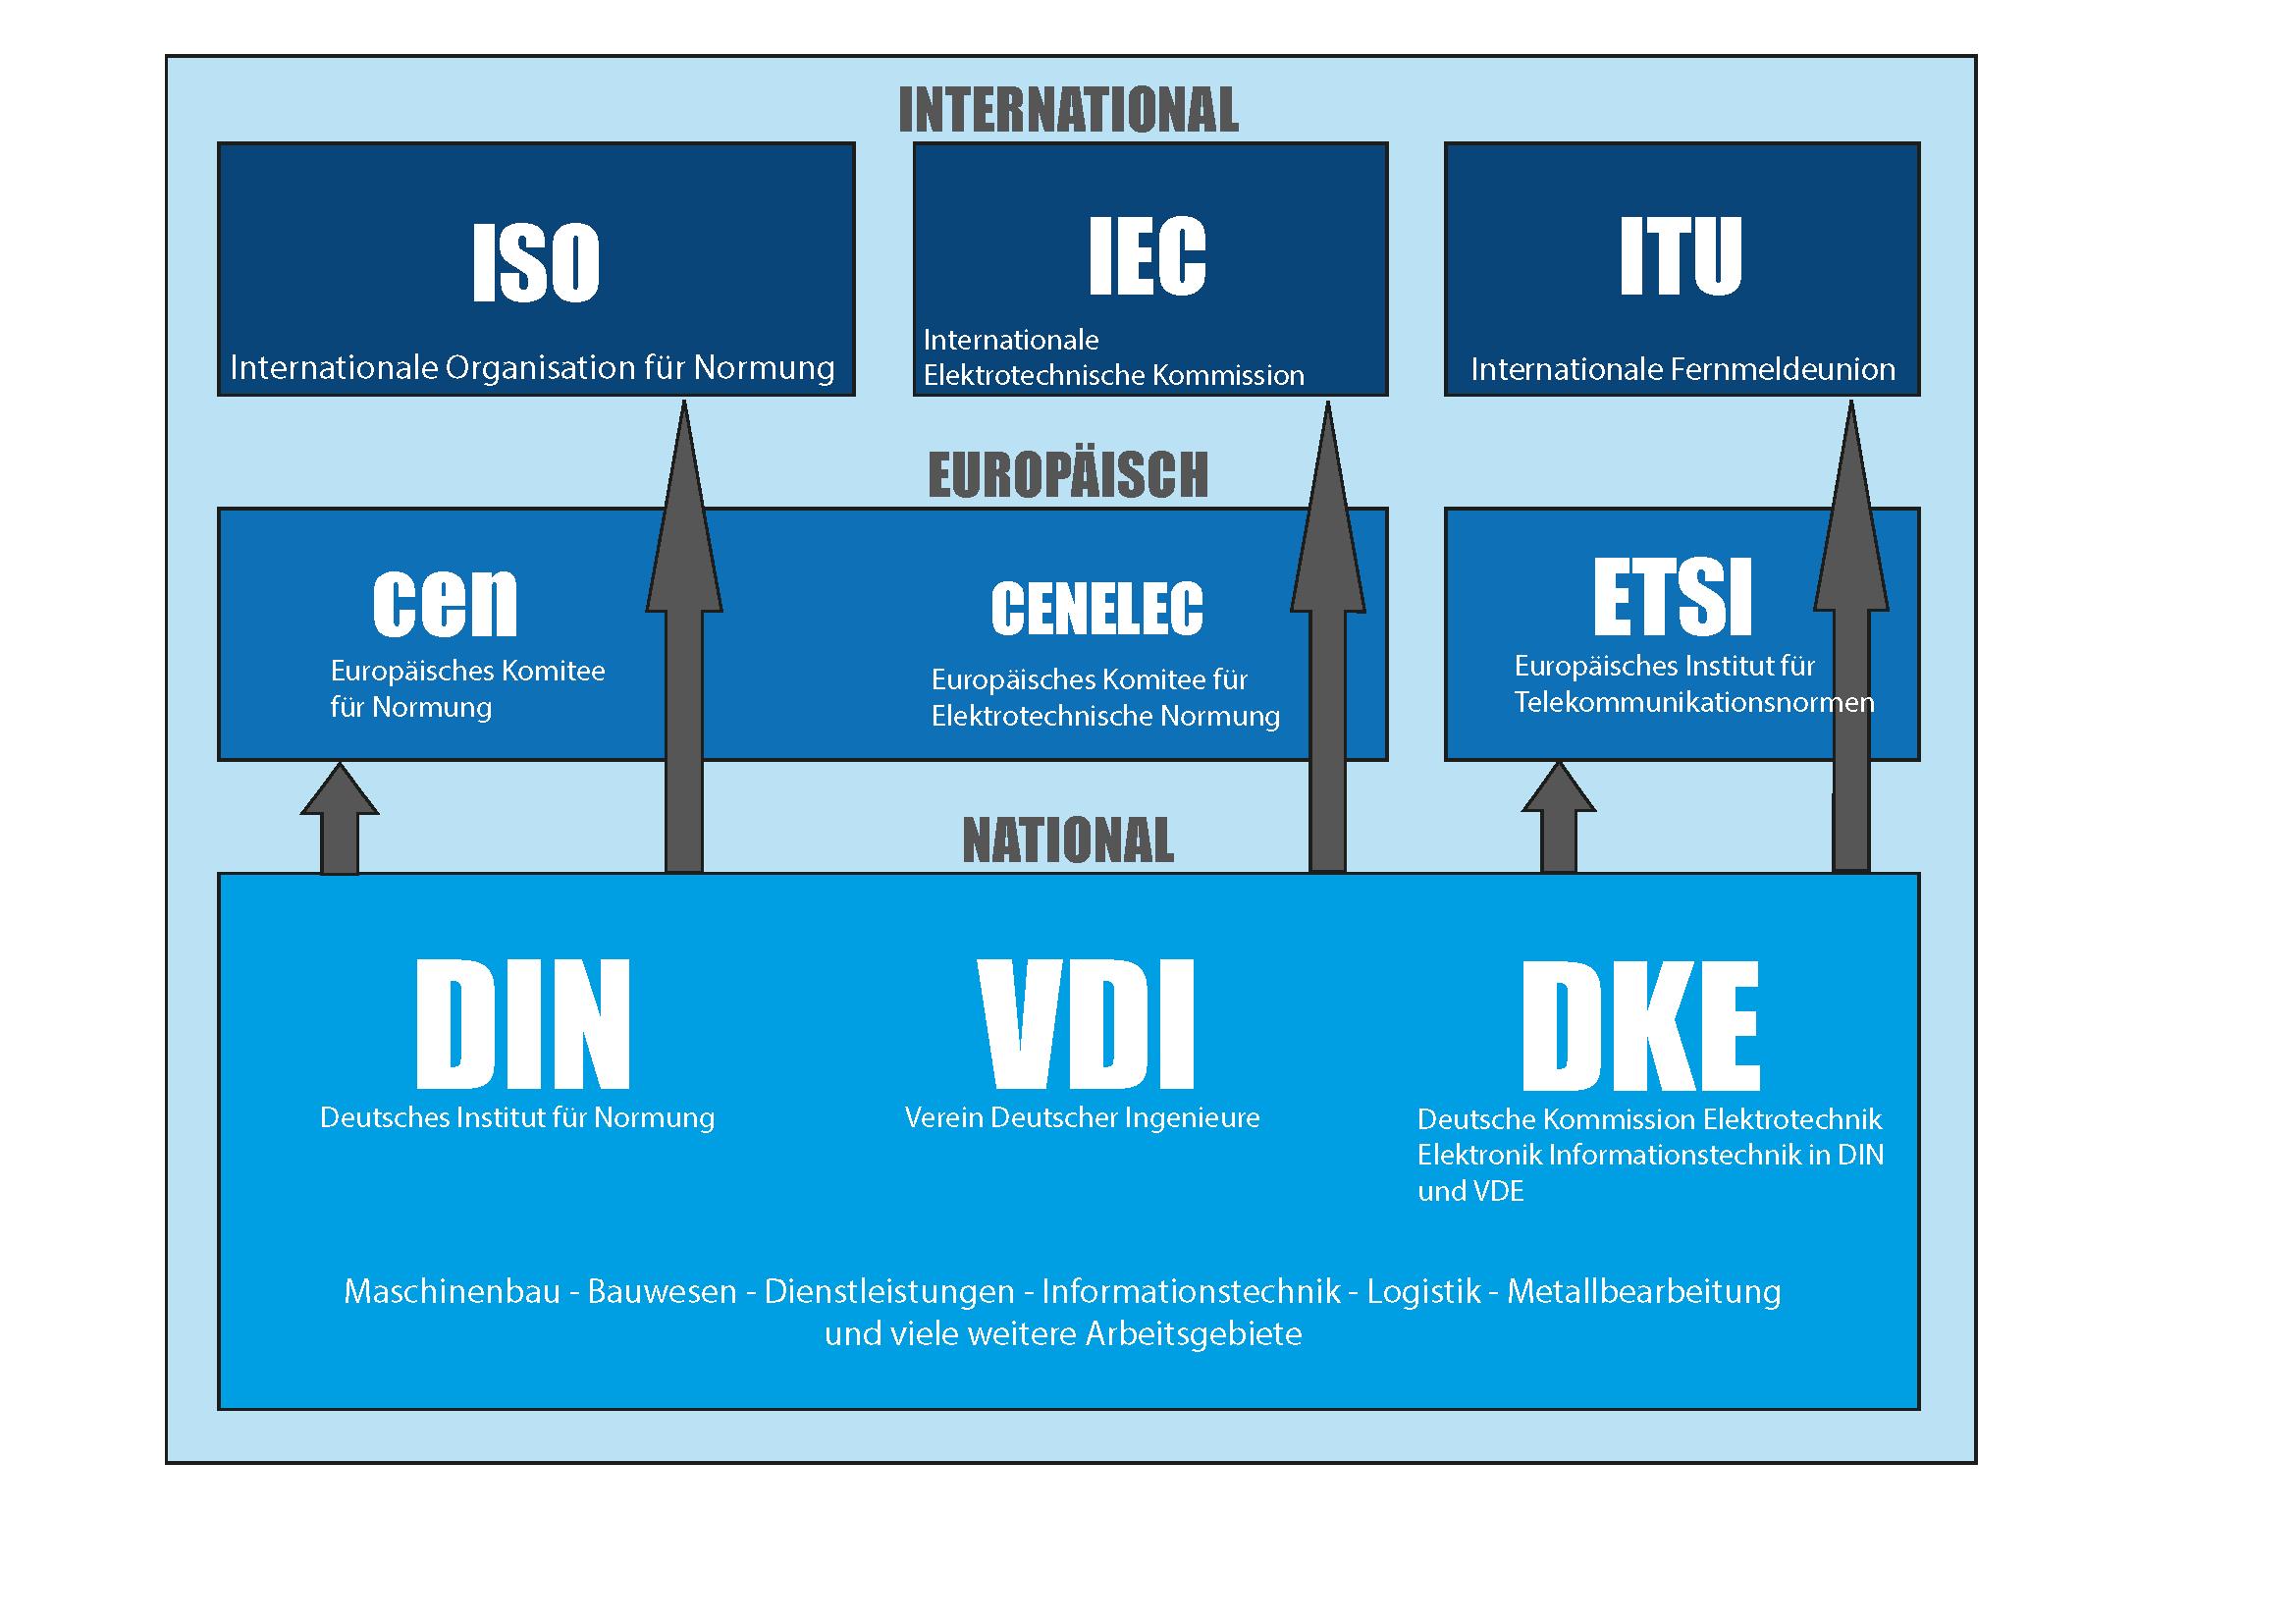 Organigramm der Normungsorganisationen